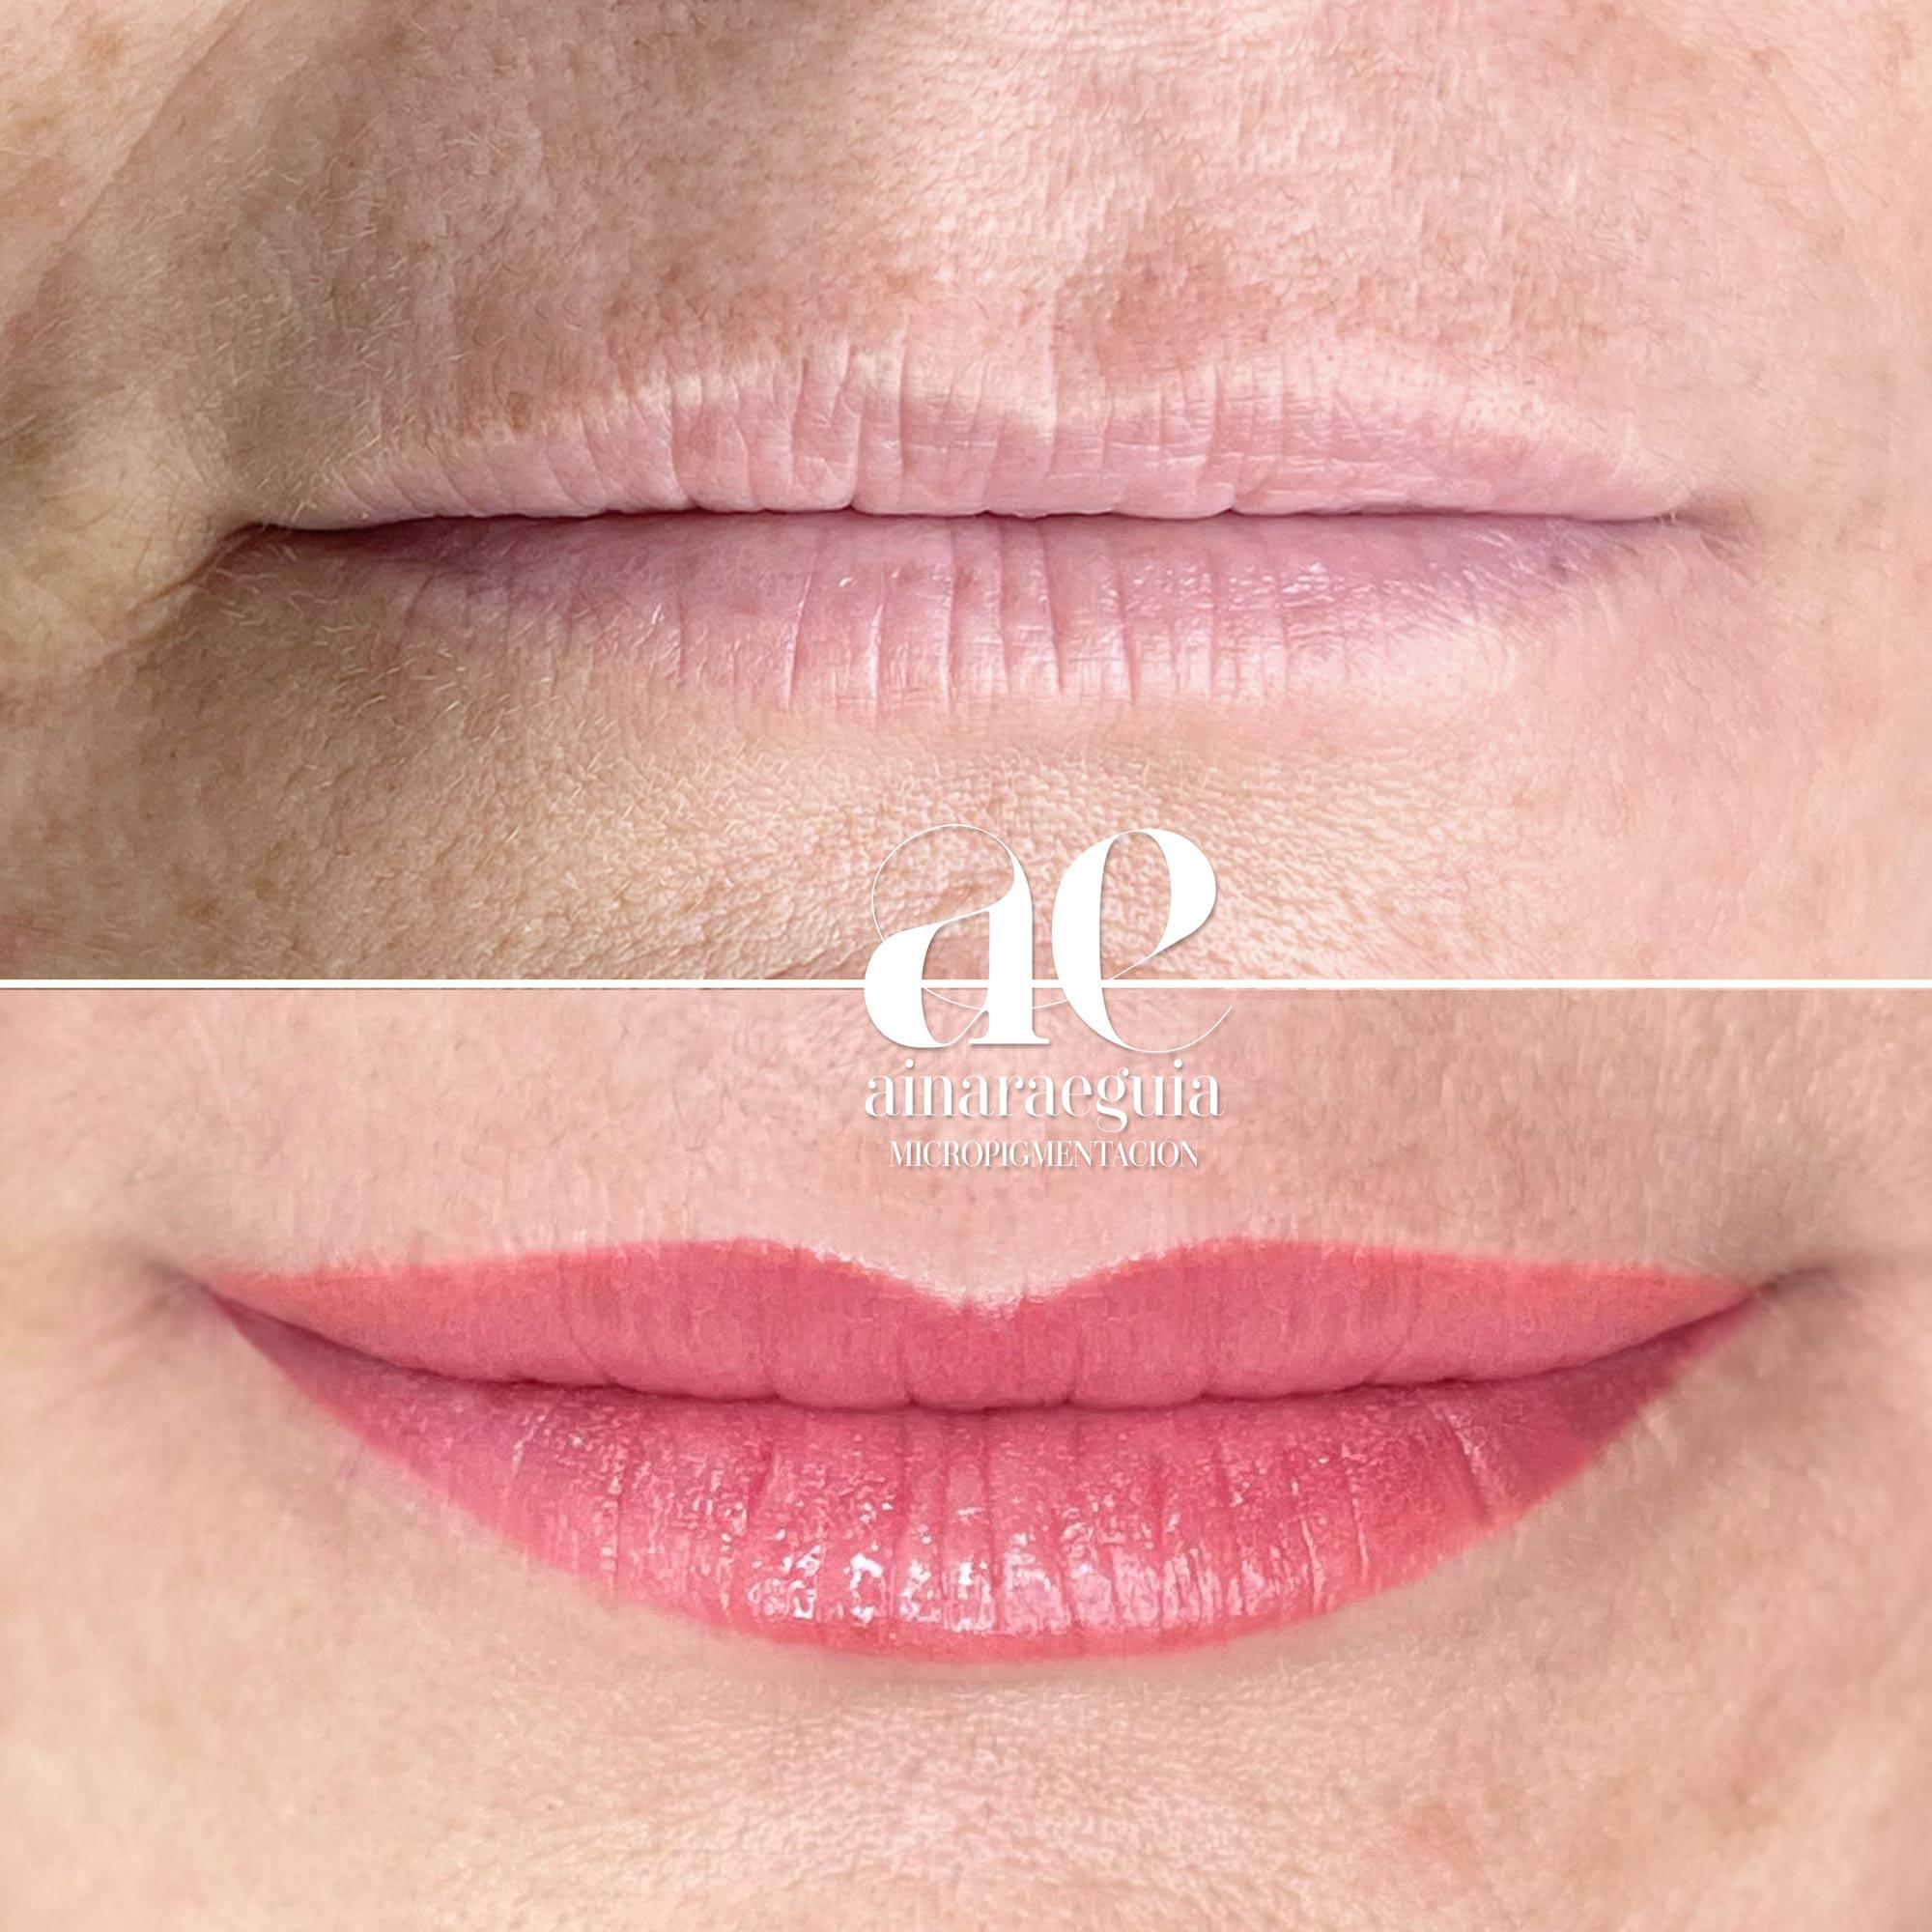 ainara eguia micropigmentacion labios bilbao microblanding softap cejas ojos labios capilar cicatrices bilbao junio